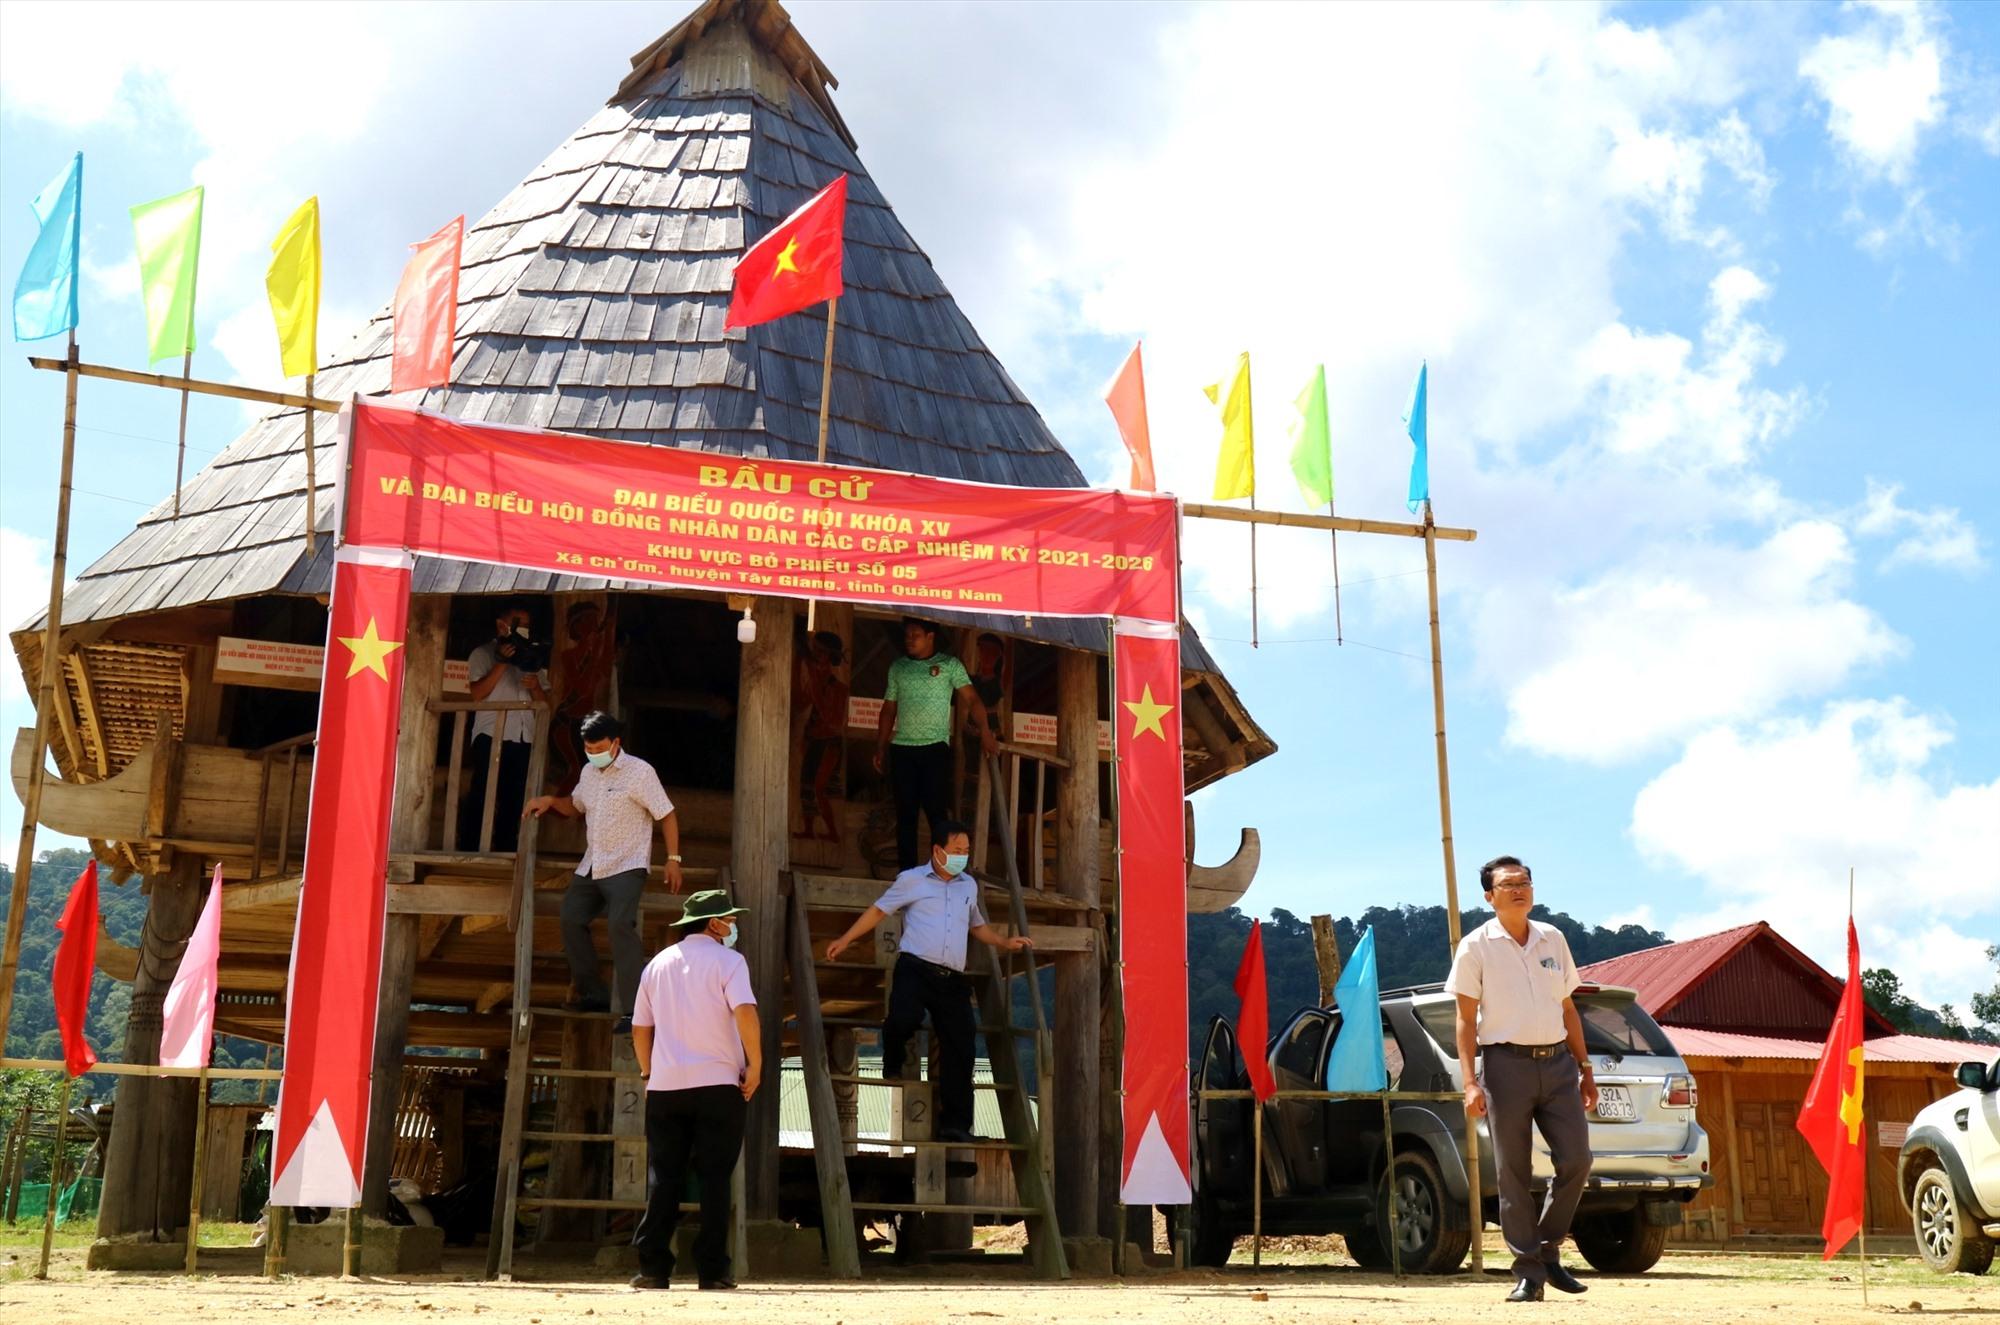 Điểm bầu cử tại thôn H'juh (xã Ch'Ơm, Tây Giang) được trang trí rực rỡ, chờ ngày hội bầu cử. Ảnh: ALĂNG NGƯỚC